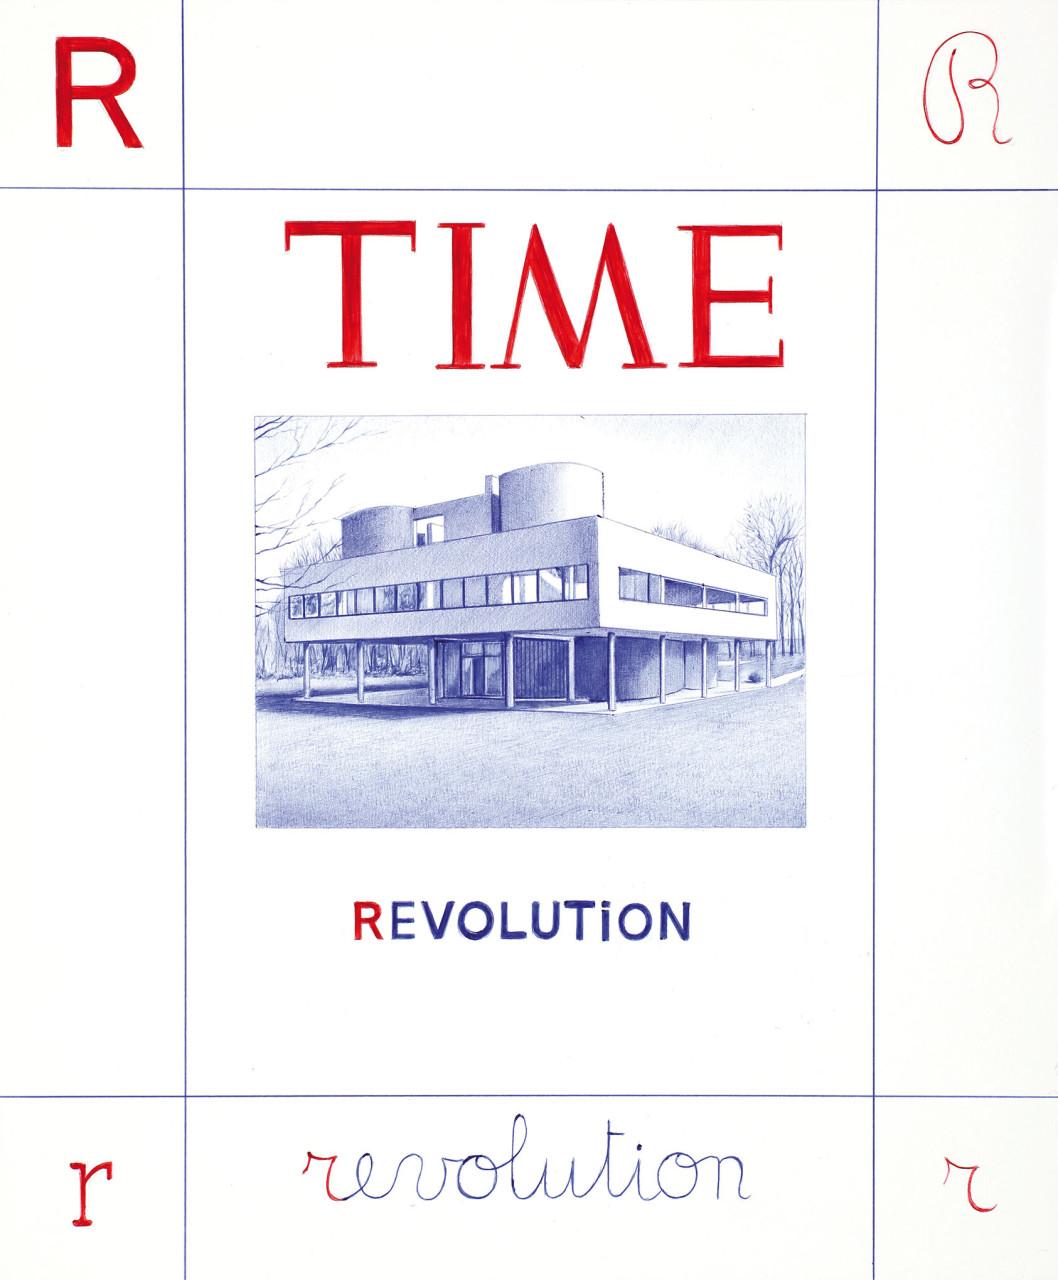 02R-revolution_bassa